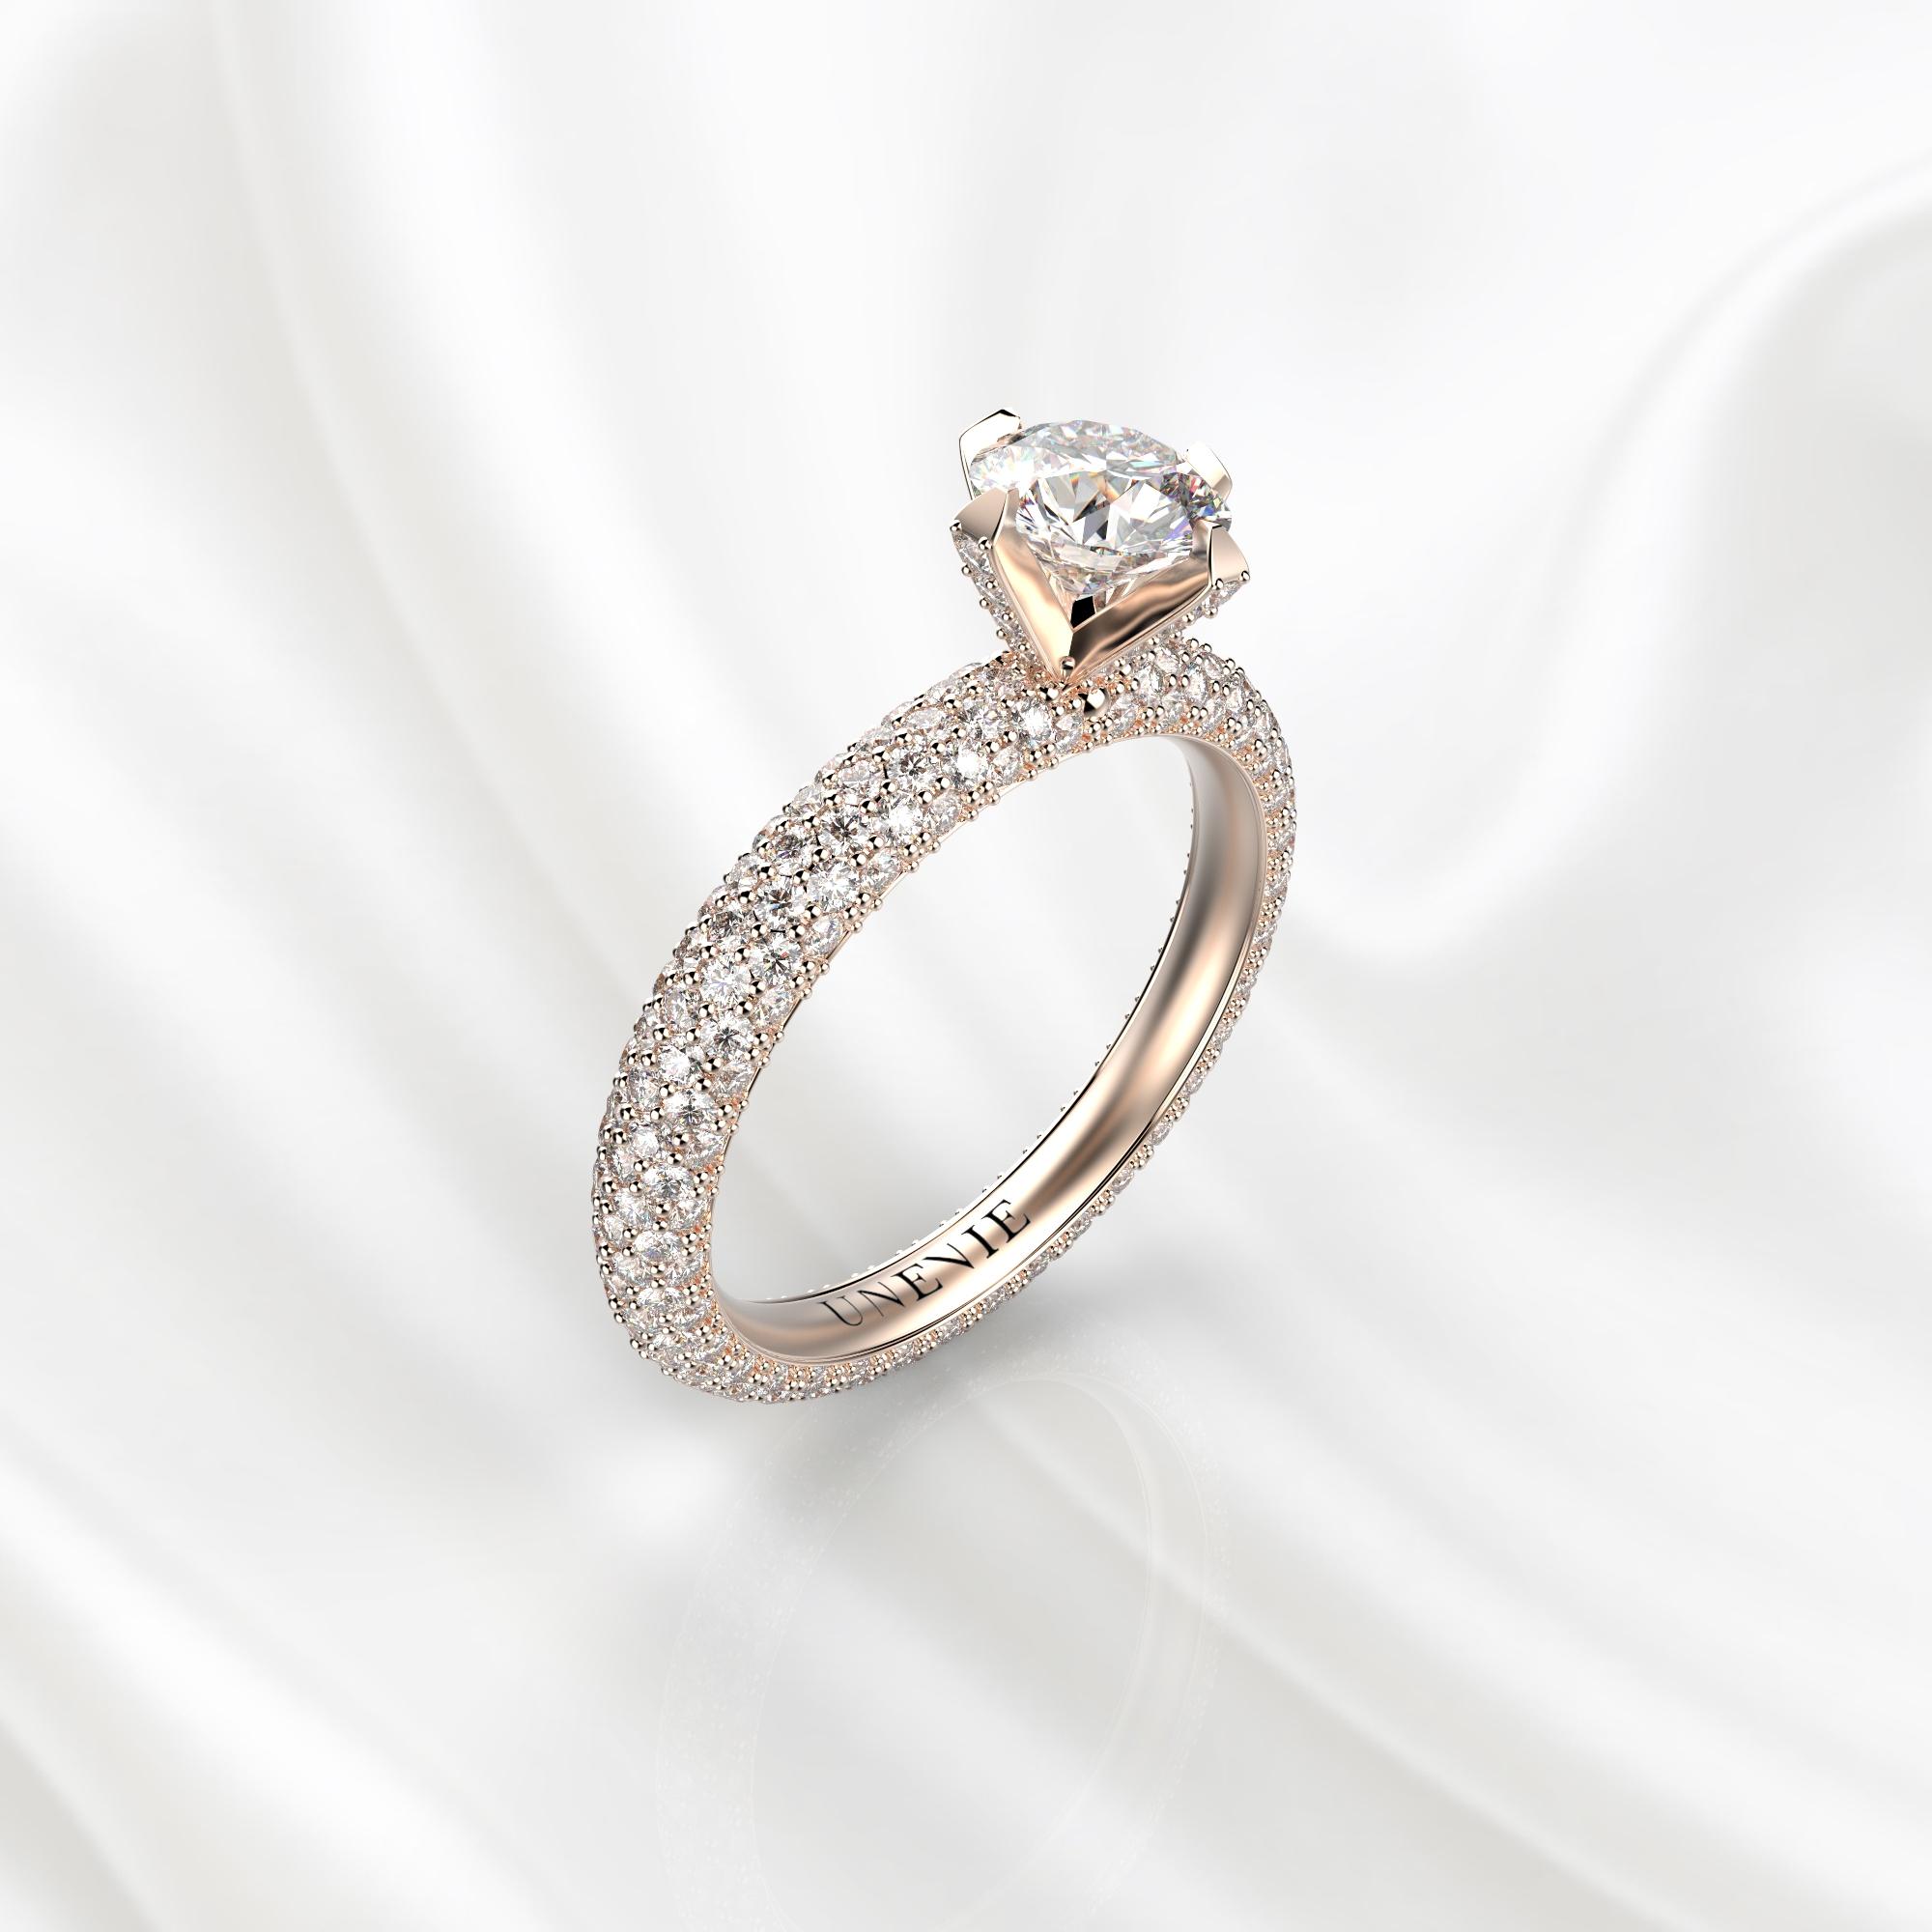 N25 Помолвочное кольцо из розового золота с бриллиантами